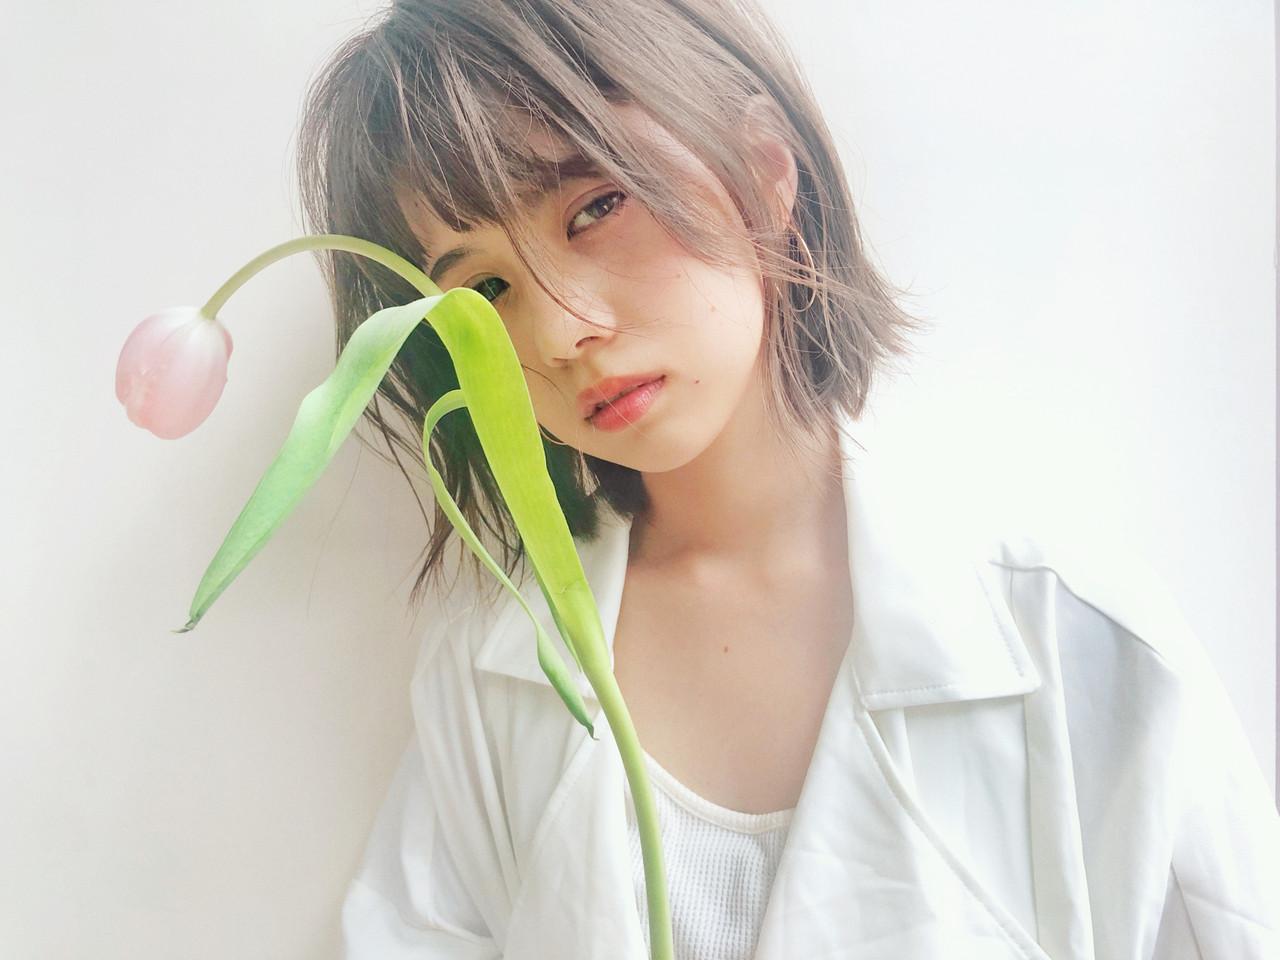 ストレート 簡単ヘアアレンジ 透明感カラー シースルーバング ヘアスタイルや髪型の写真・画像 | drive for garden 森紫織 / drive for garden